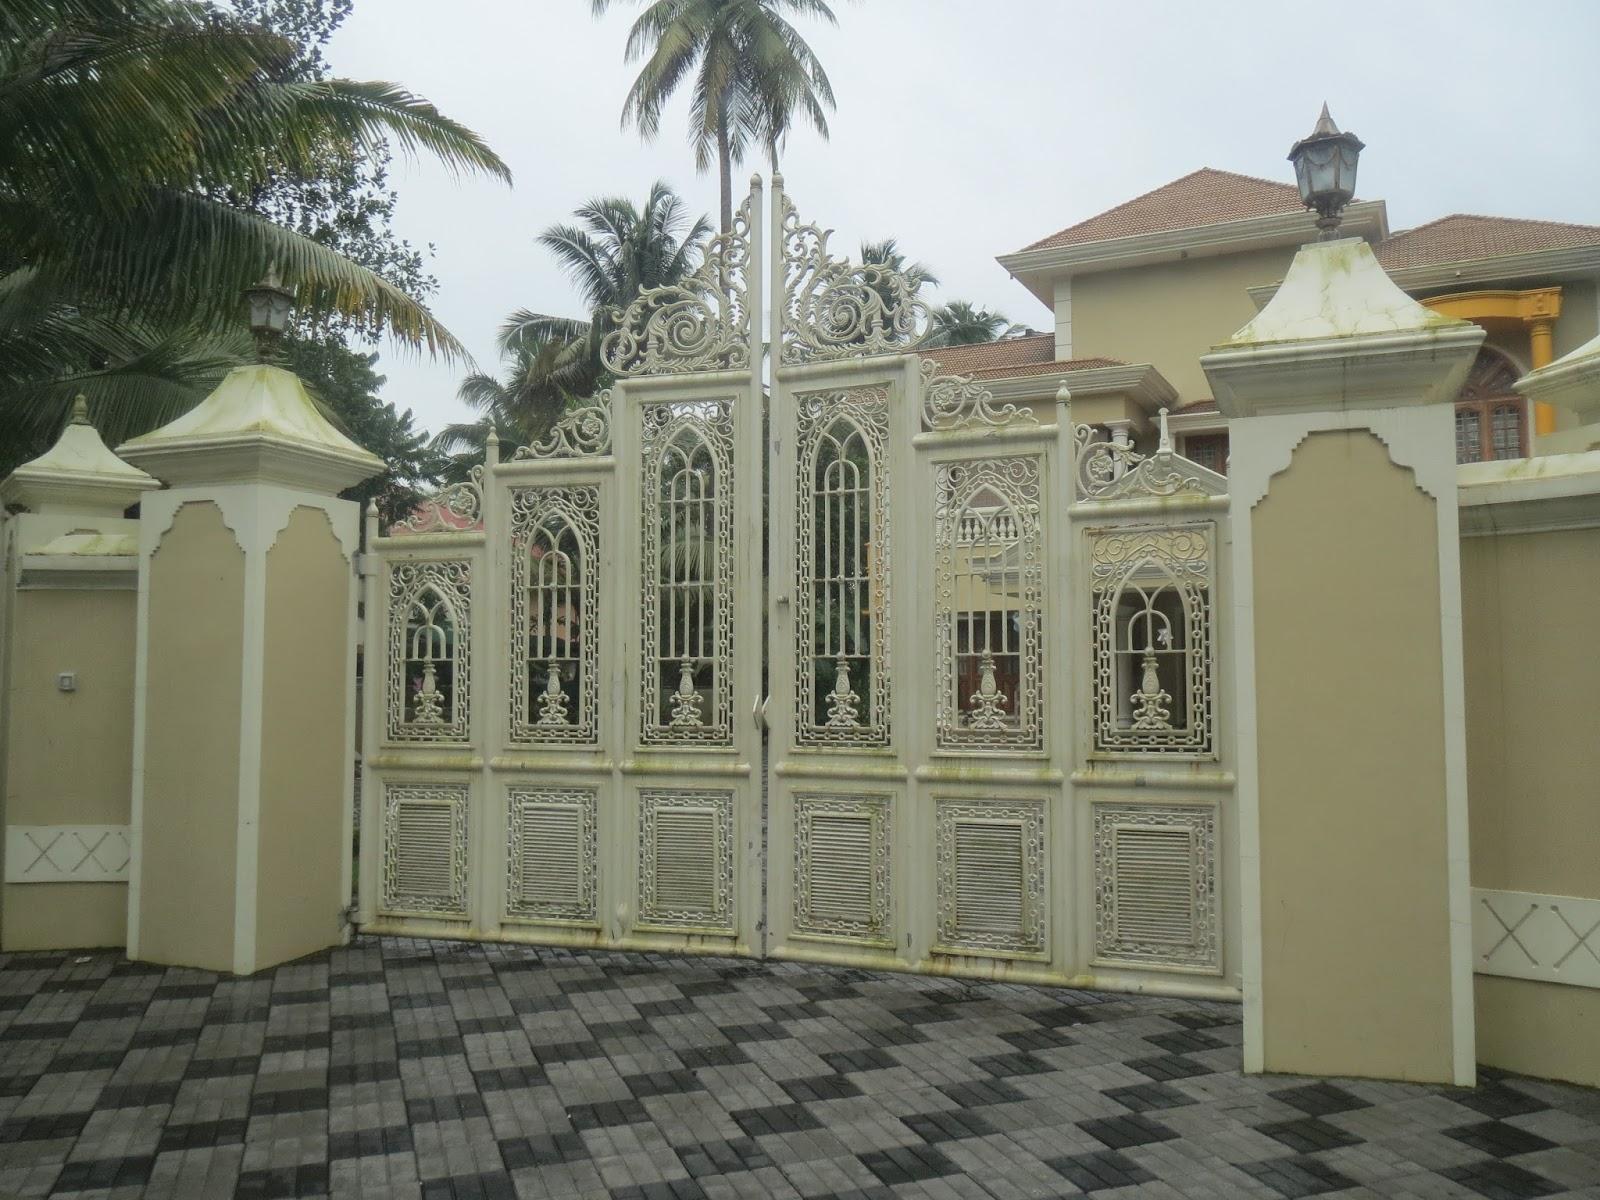 60 Desain Pagar Rumah Mewah Buat Hunian Tampil Eksklusif